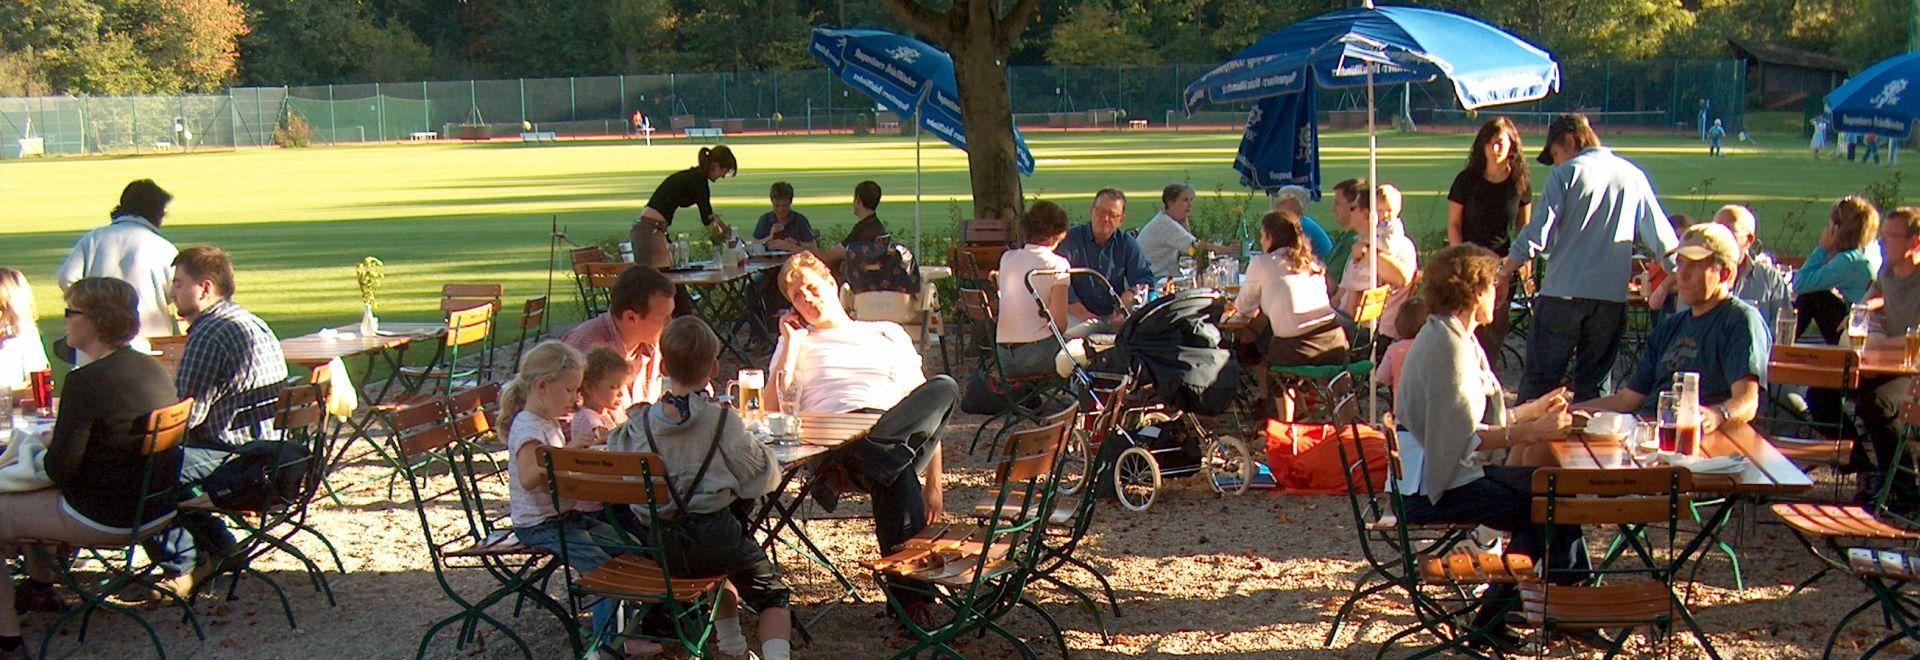 Header website BayernLB Sportarena München